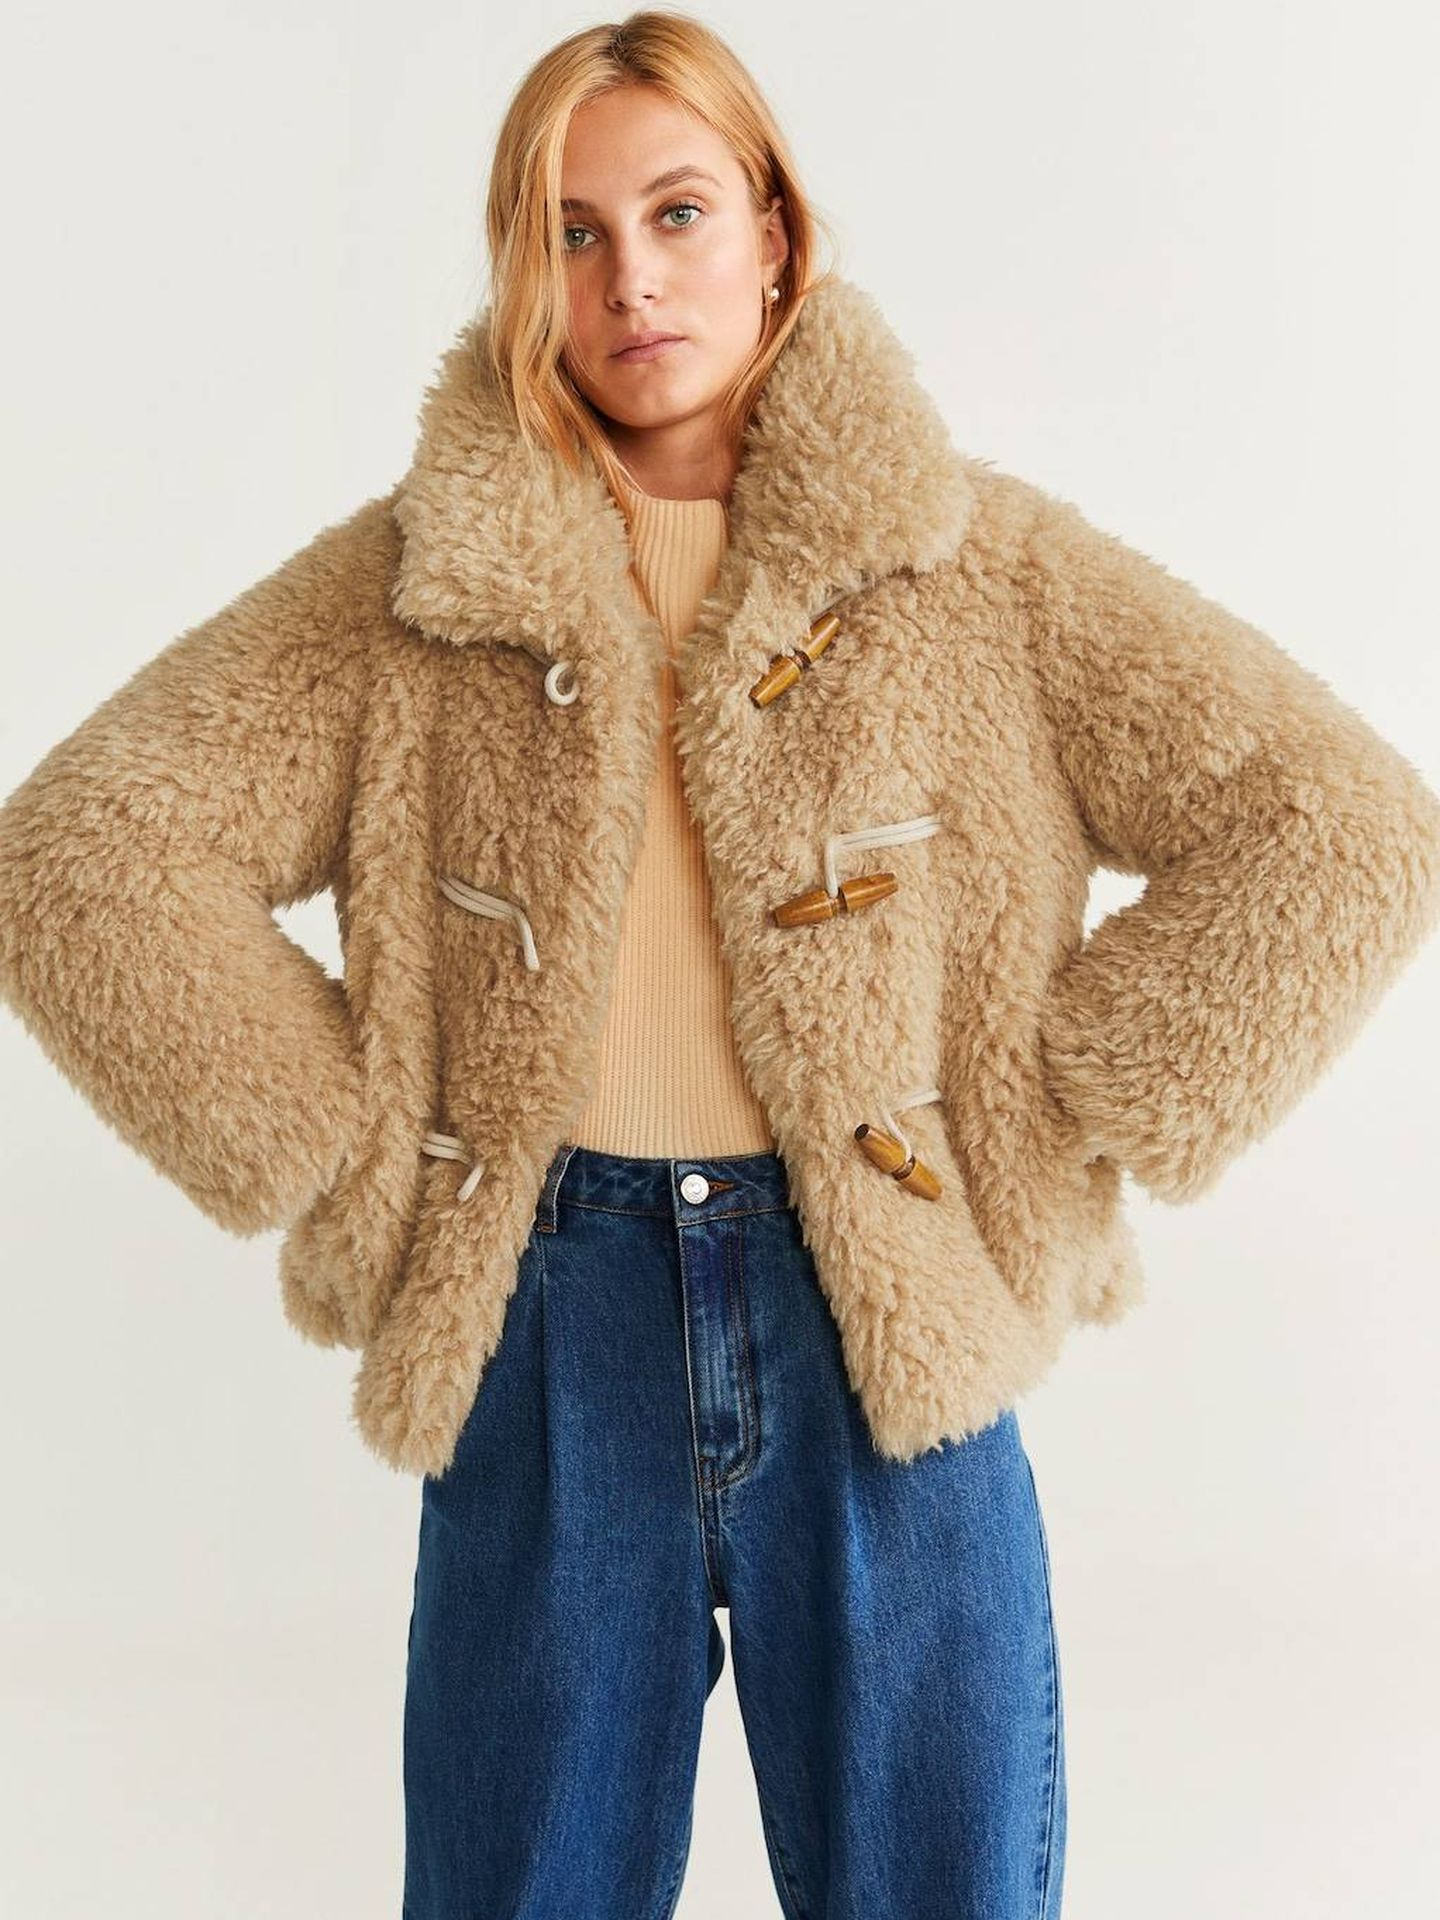 La chaqueta de Mango Outlet. (Cortesía)